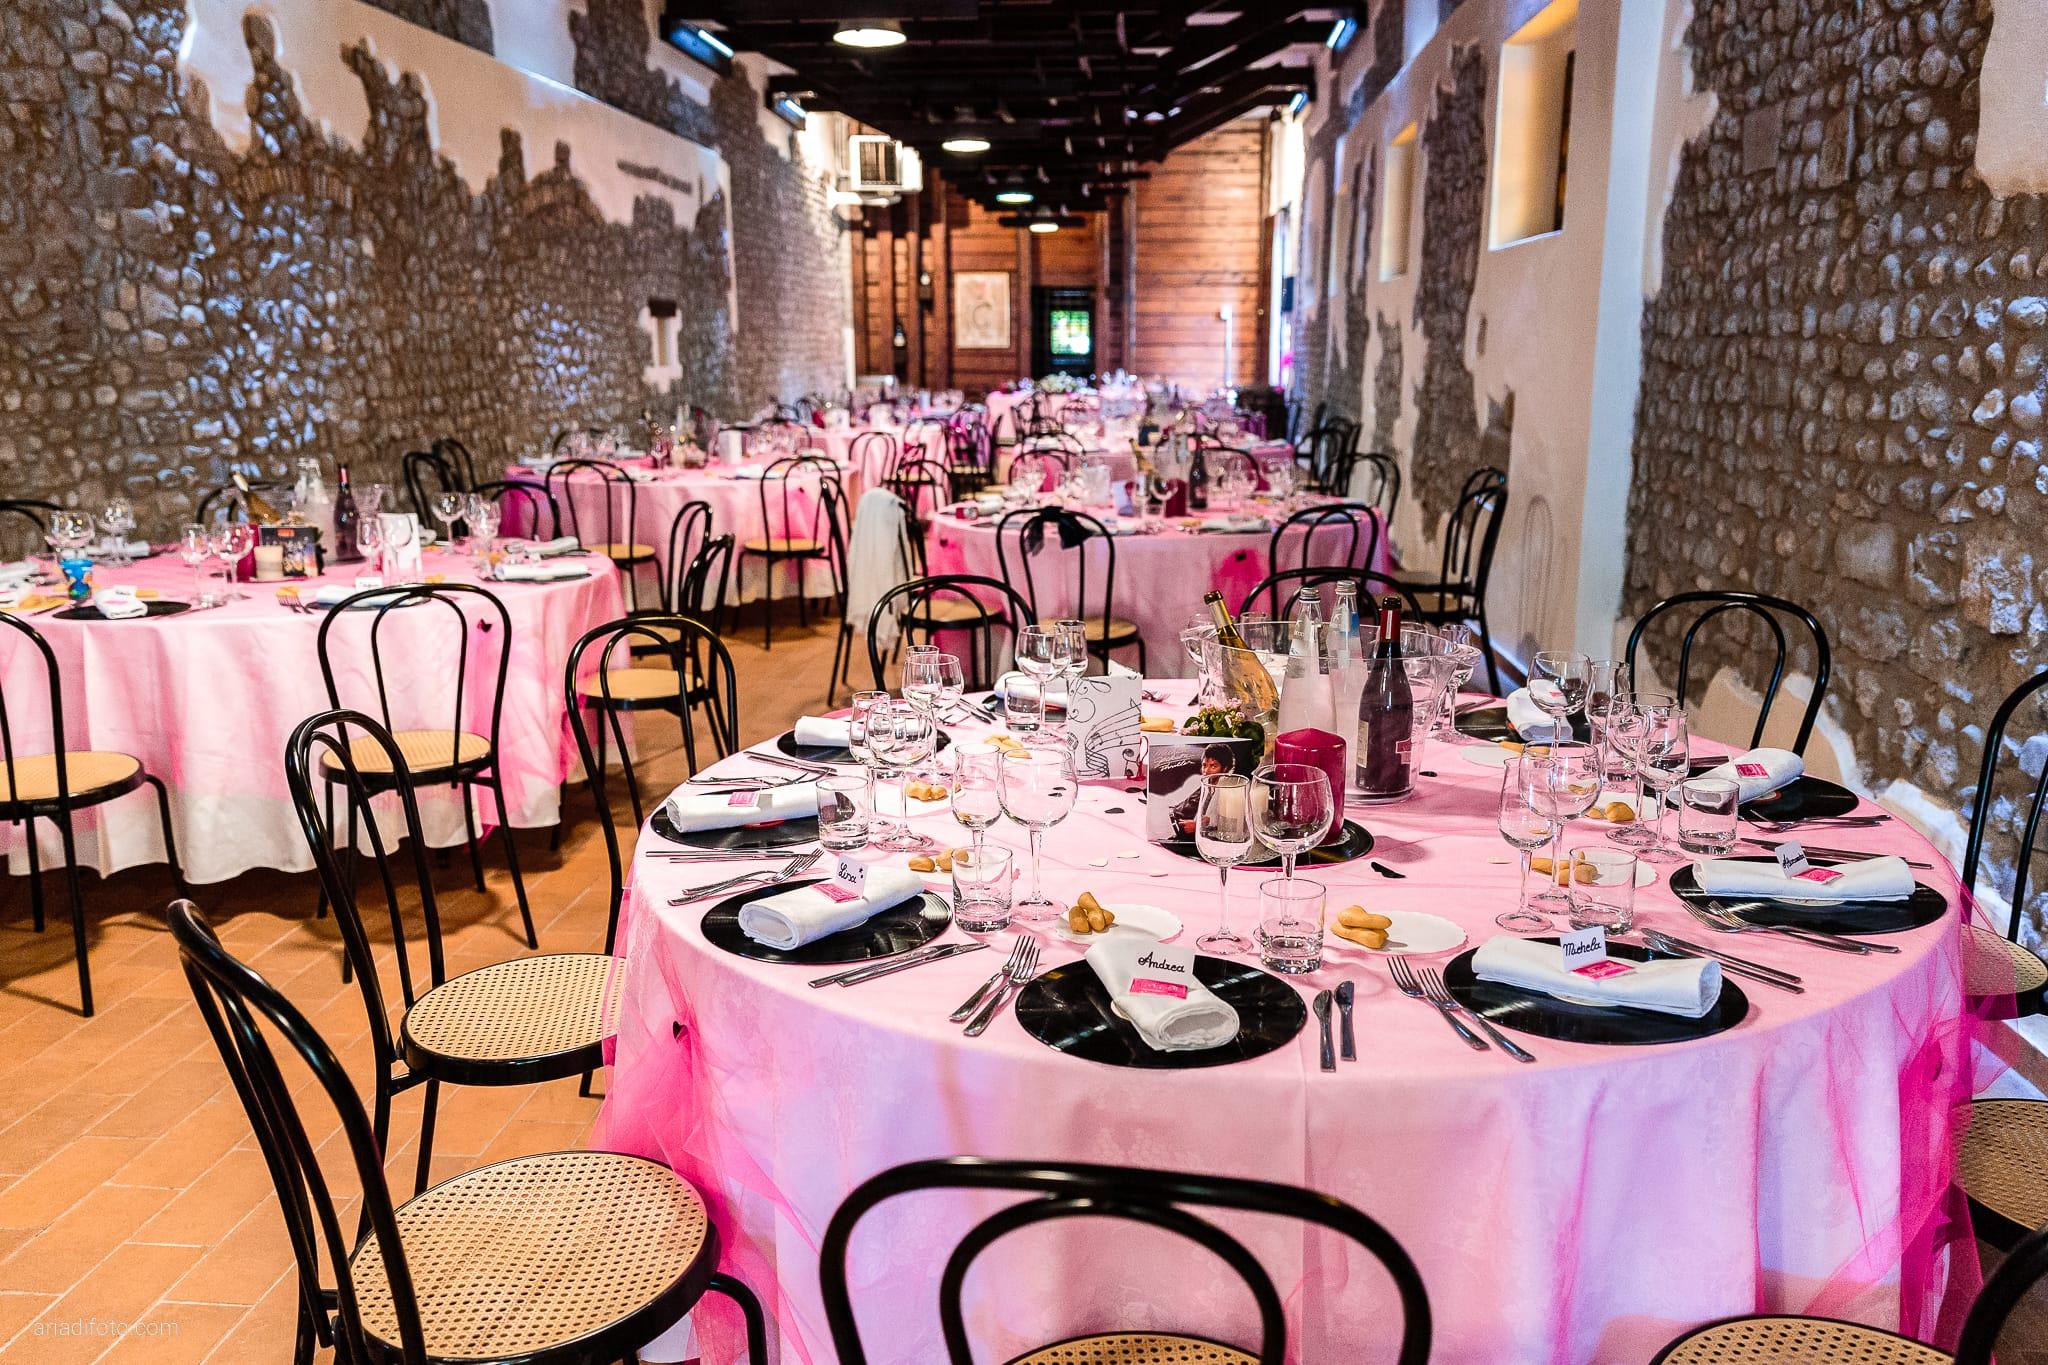 Dorella Stefano matrimonio Cormons Villa Chiopris Udine ricevimento dettagli allestimenti sala decorazioni centrotavola vinile